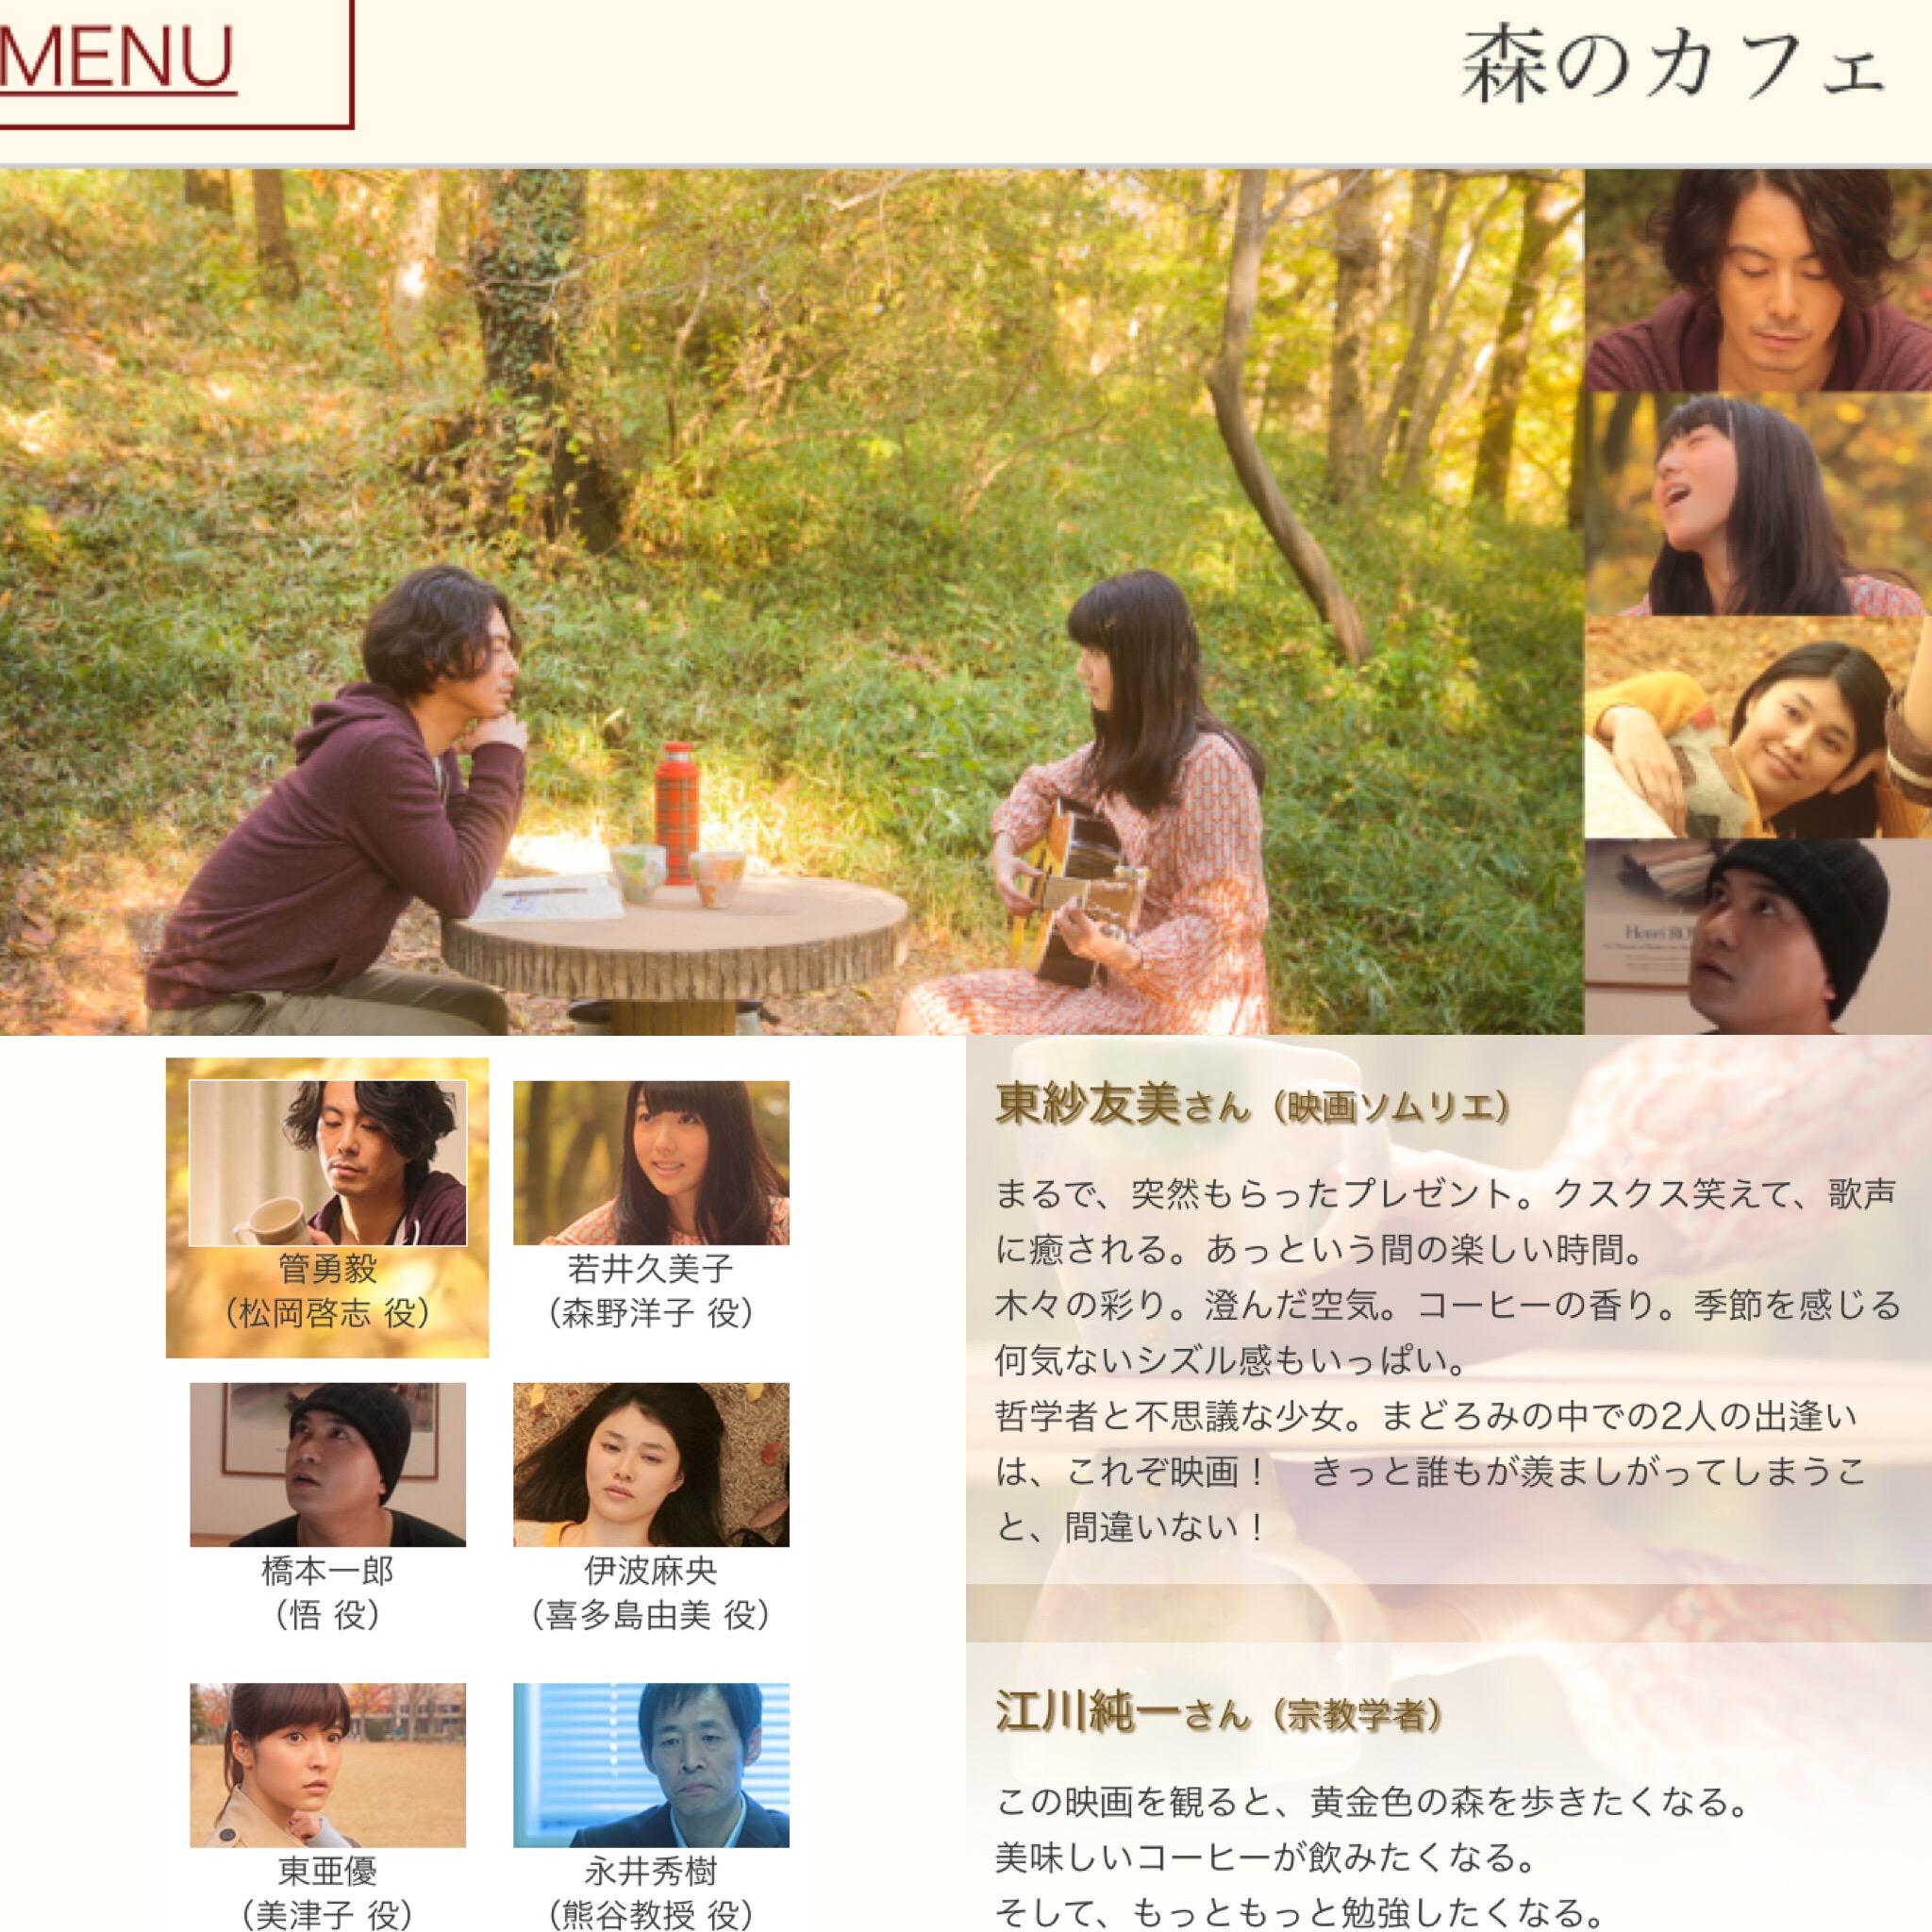 12.12公開【森のカフェ】舞台挨拶&推薦してます!